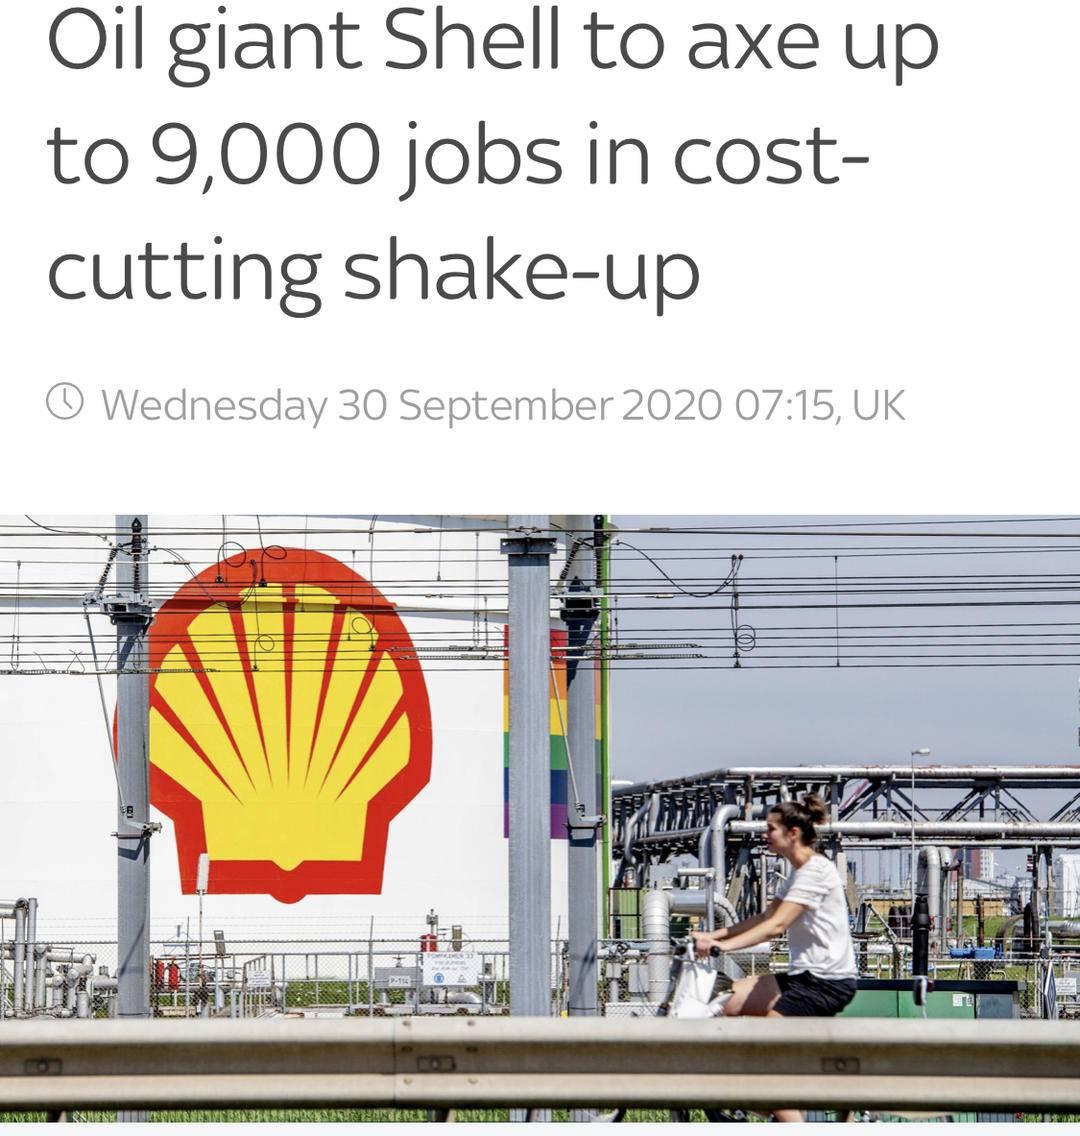 受新冠疫情影响,石油巨头壳牌拟裁员9000人